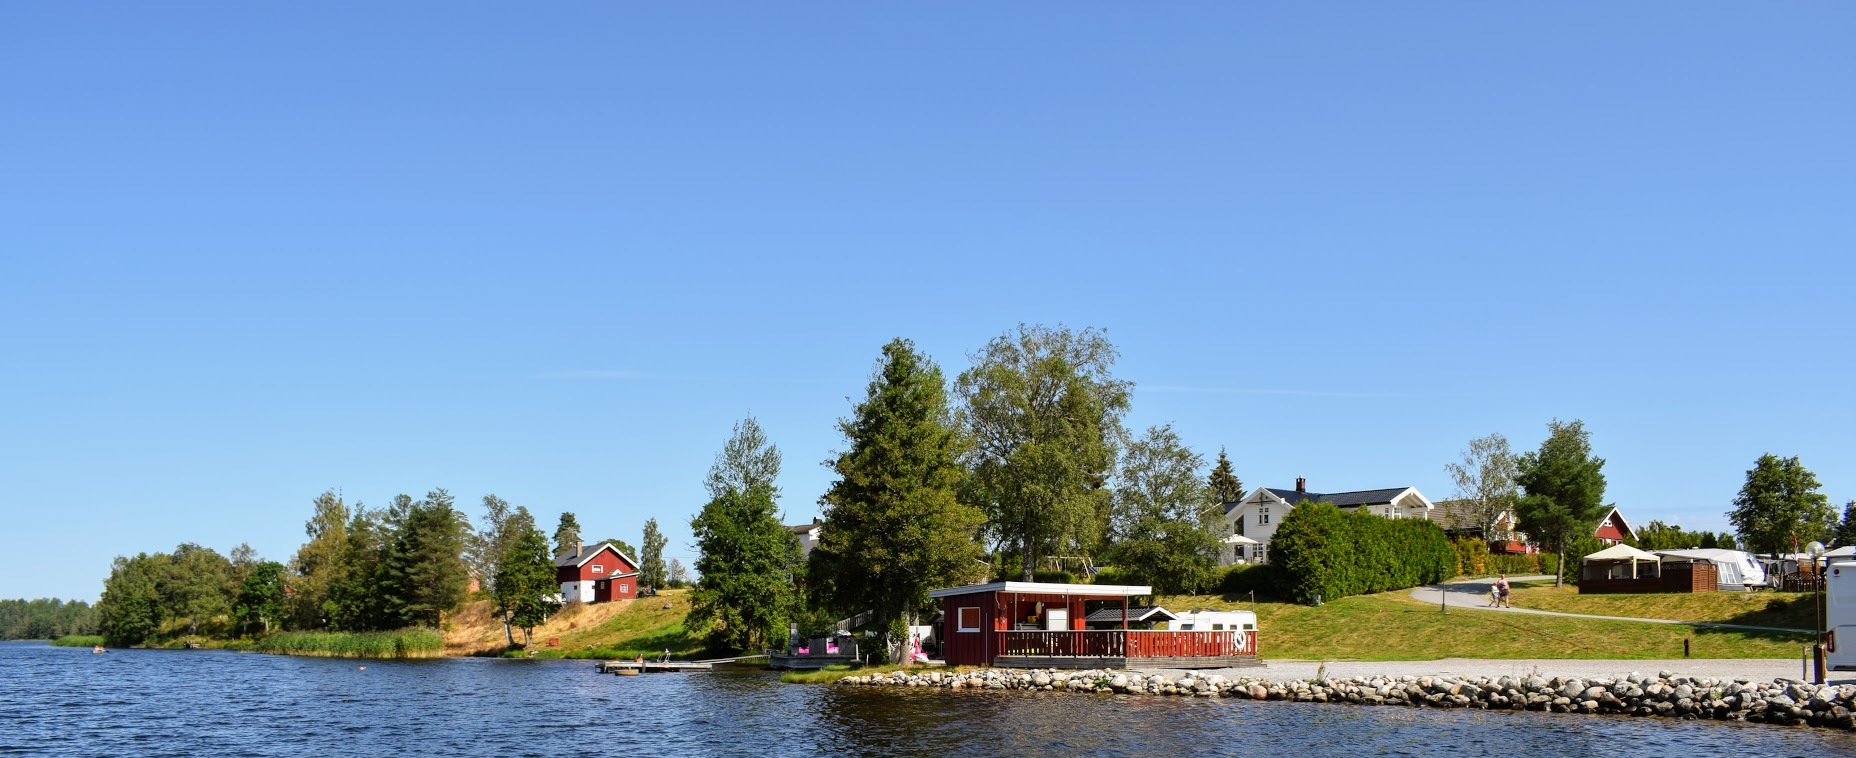 Kirkeng - vannet -camping - idyll.JPG